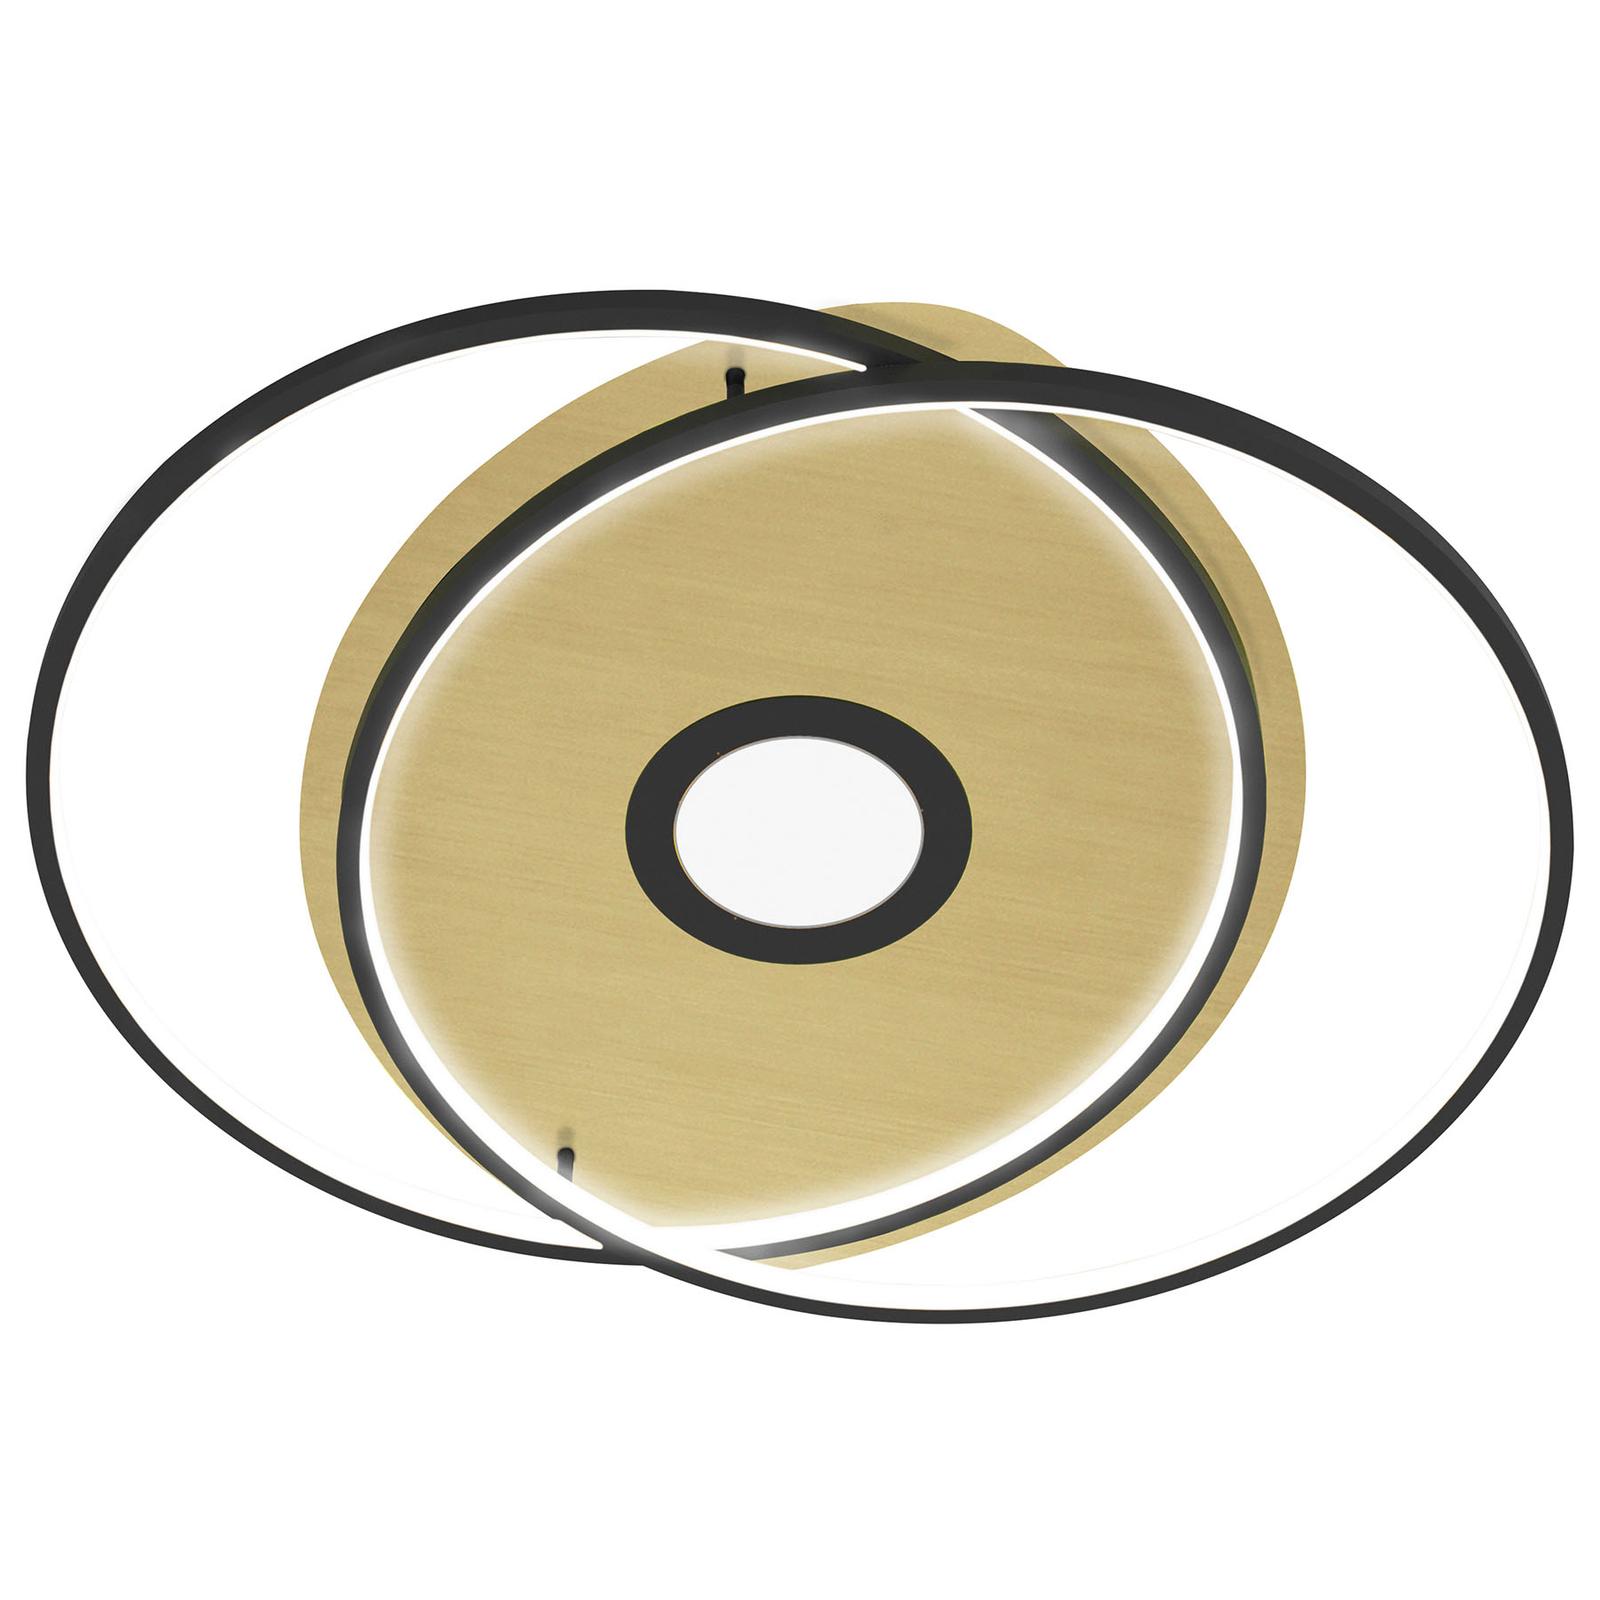 Paul Neuhaus Q-AMIRA LED-kattovalaisin, musta